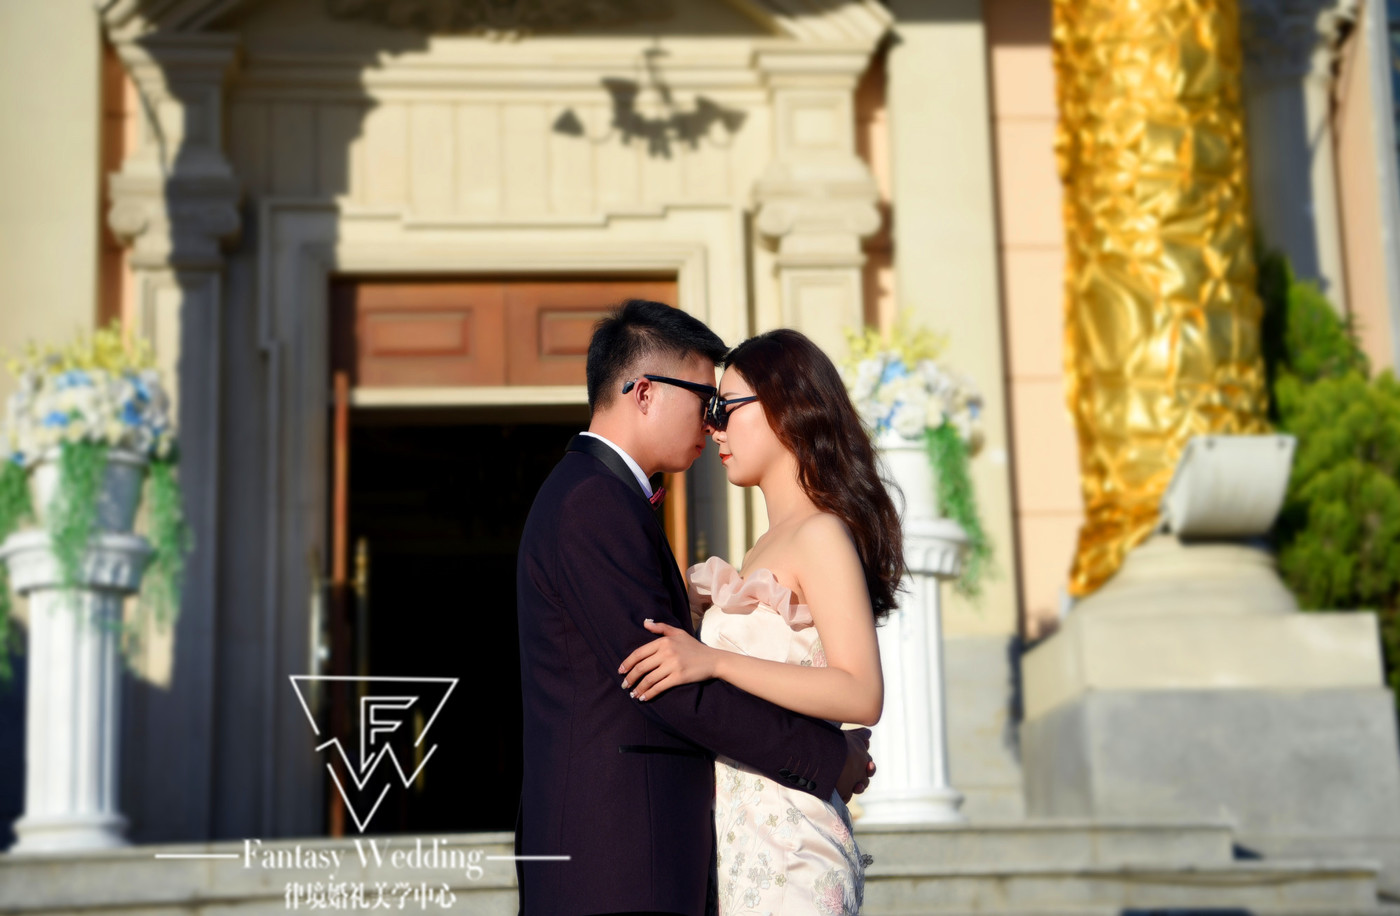 「律境婚礼」 胡萝卜& 方莱婚礼7